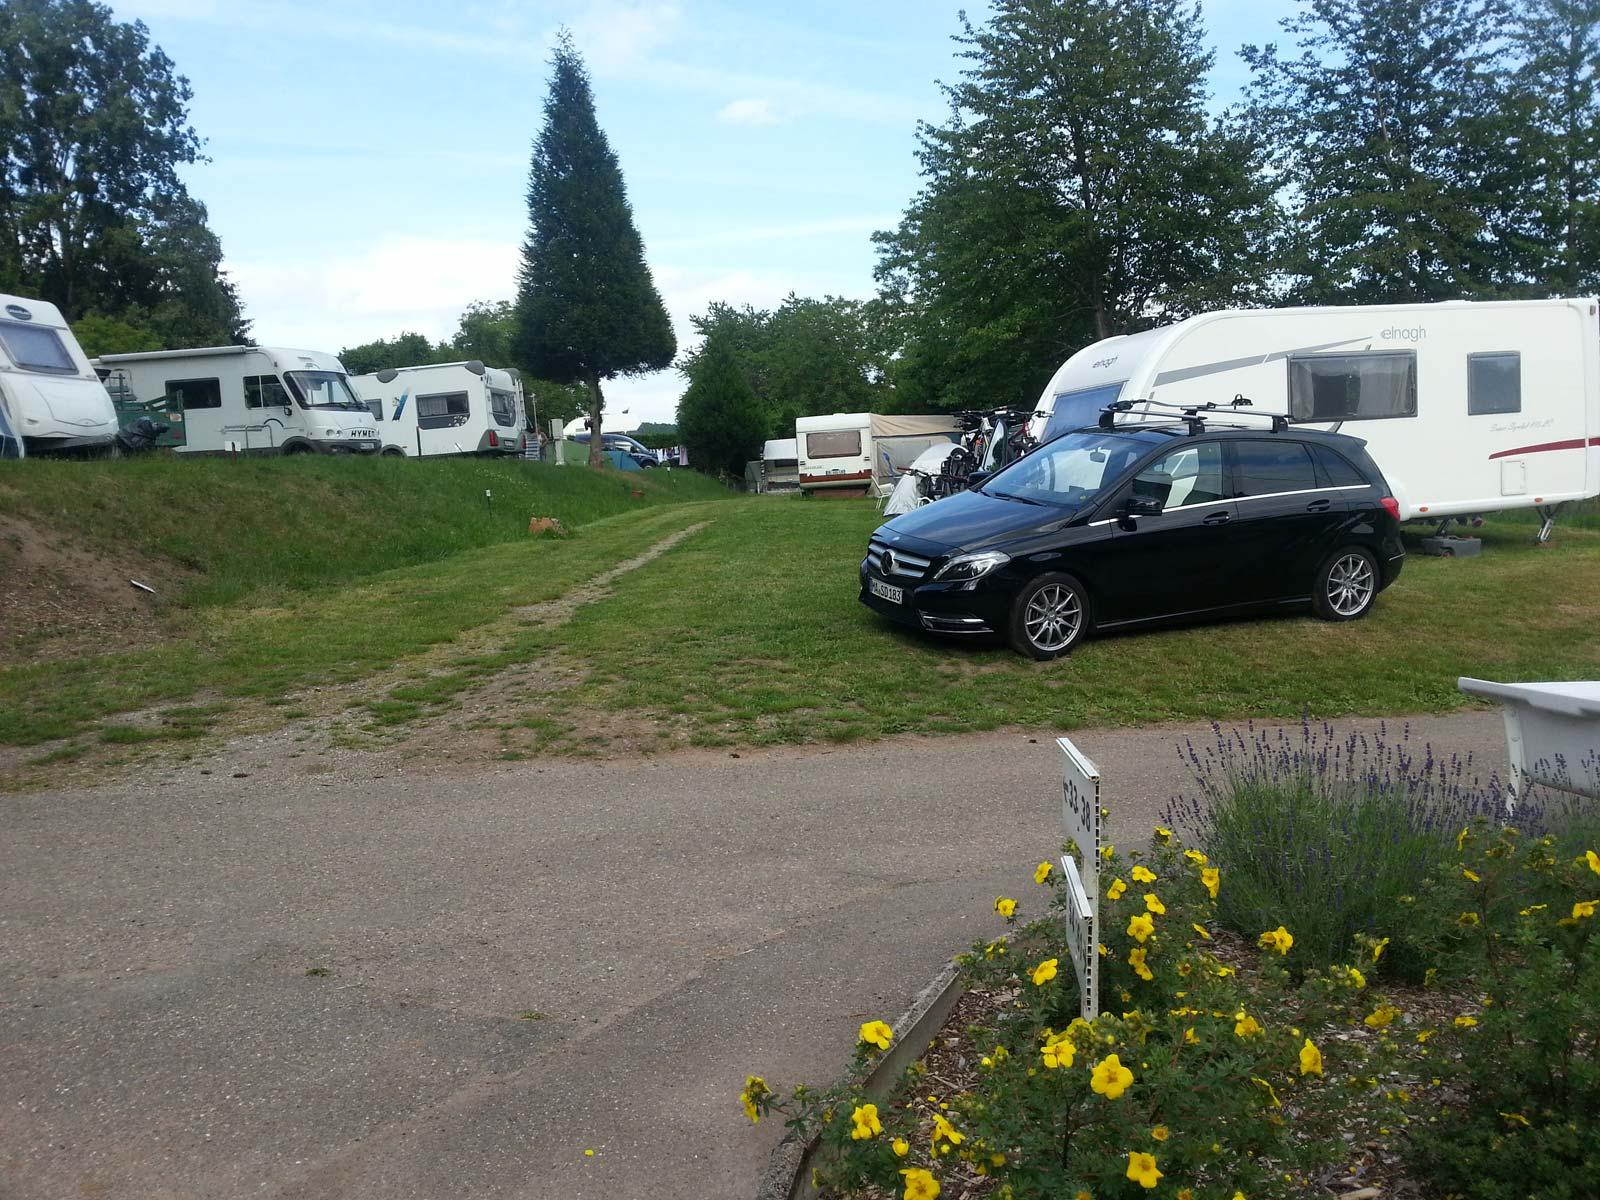 Camping du Heidenkopf, Niederbronn-les-Bains, Alsace, aire de service artisanale pour camping-car